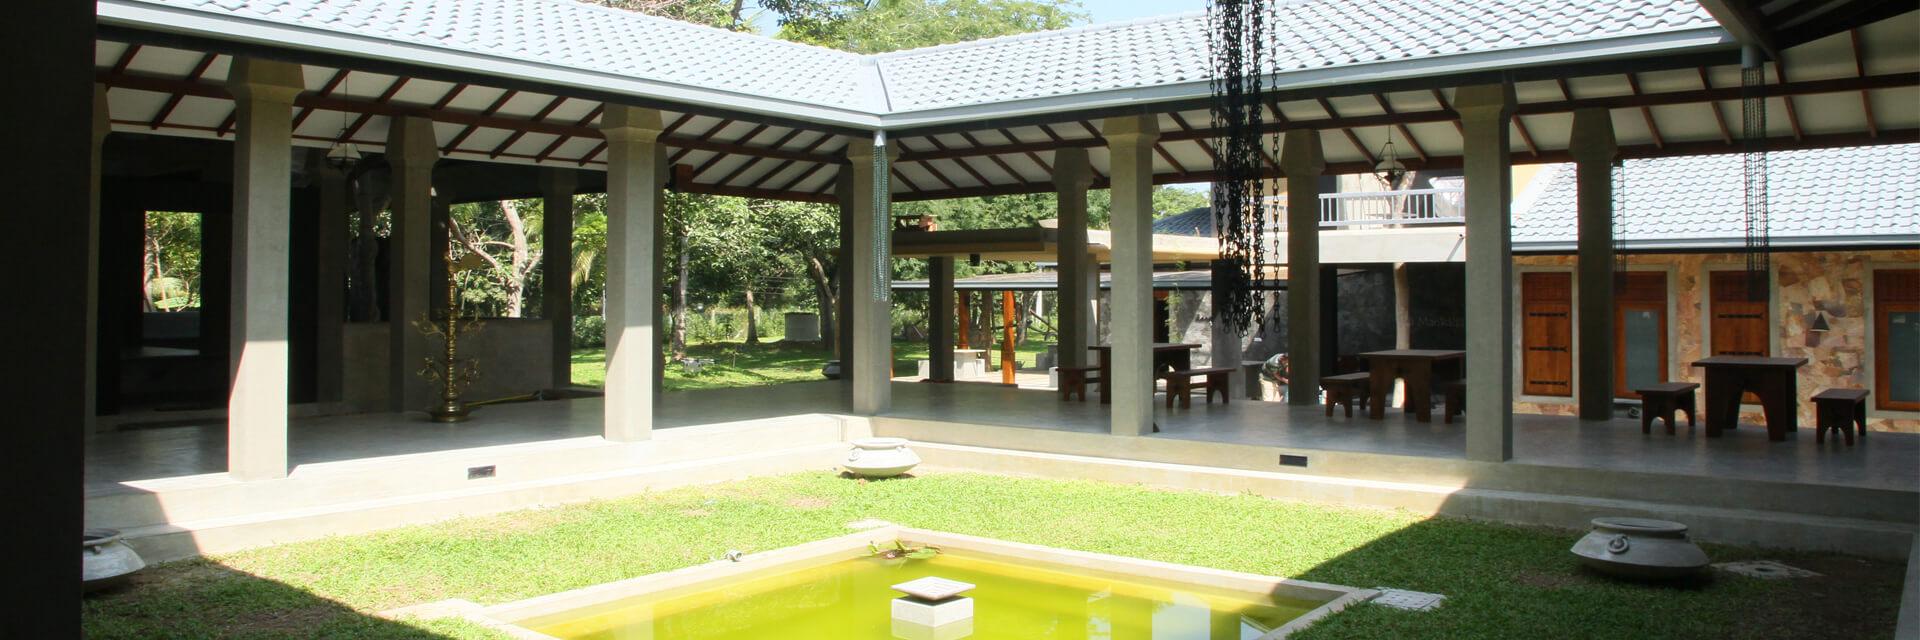 udawalawe hotels sri lanka - Nili Diya Mankada Hotel Udawalawe